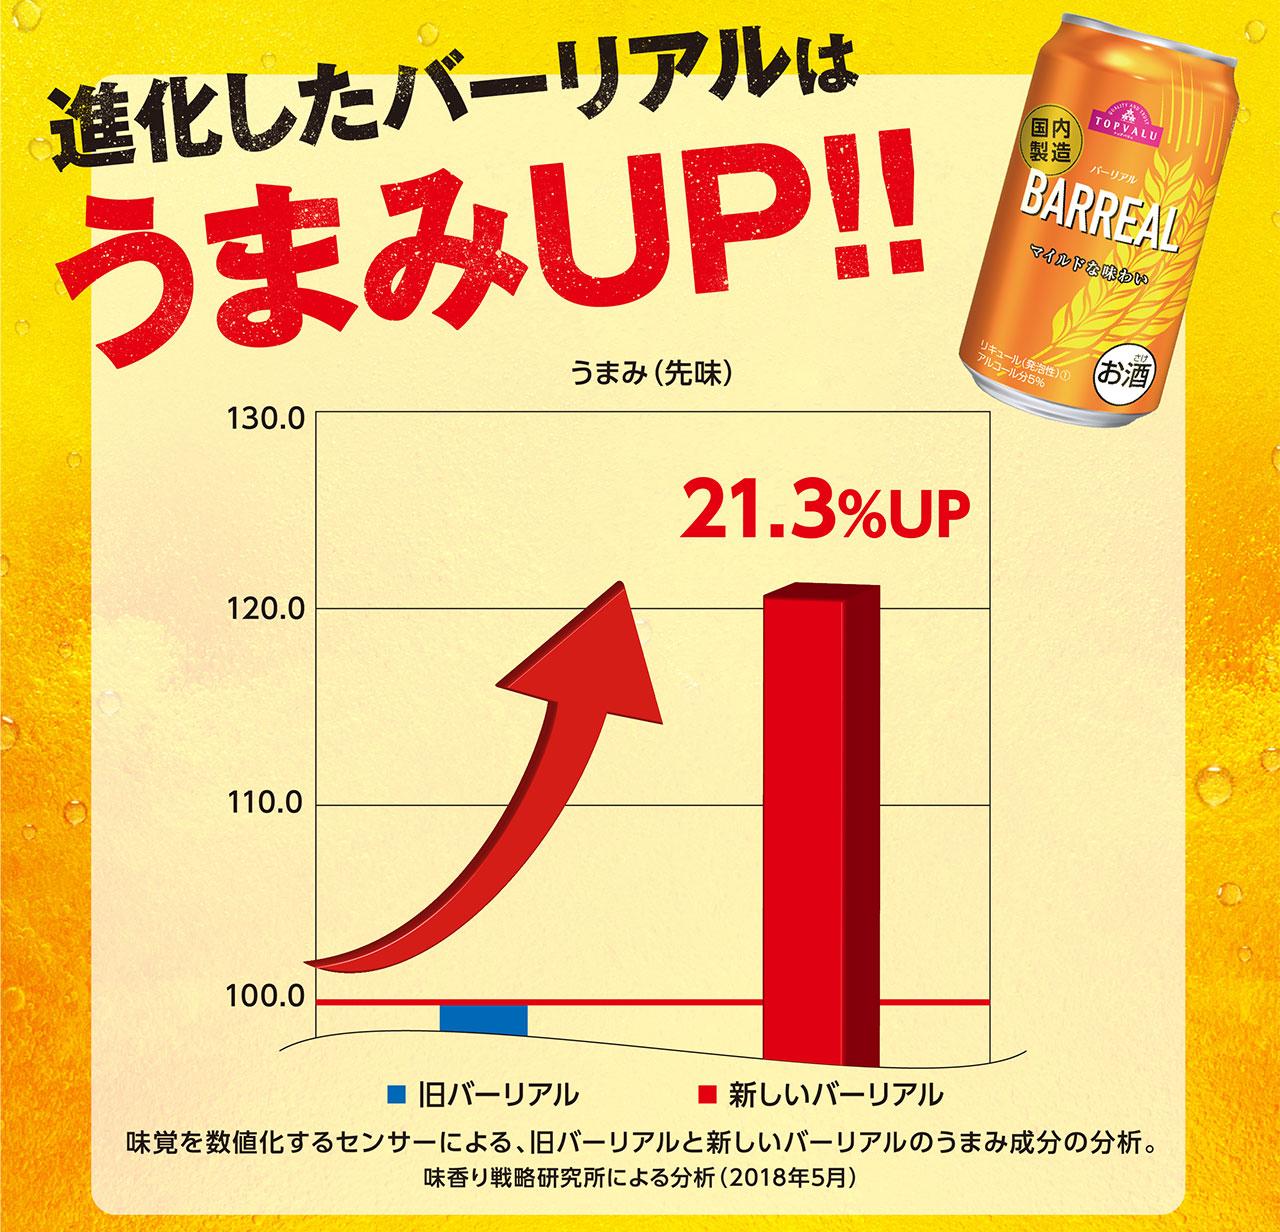 進化したバーリアルはうまみUP!!